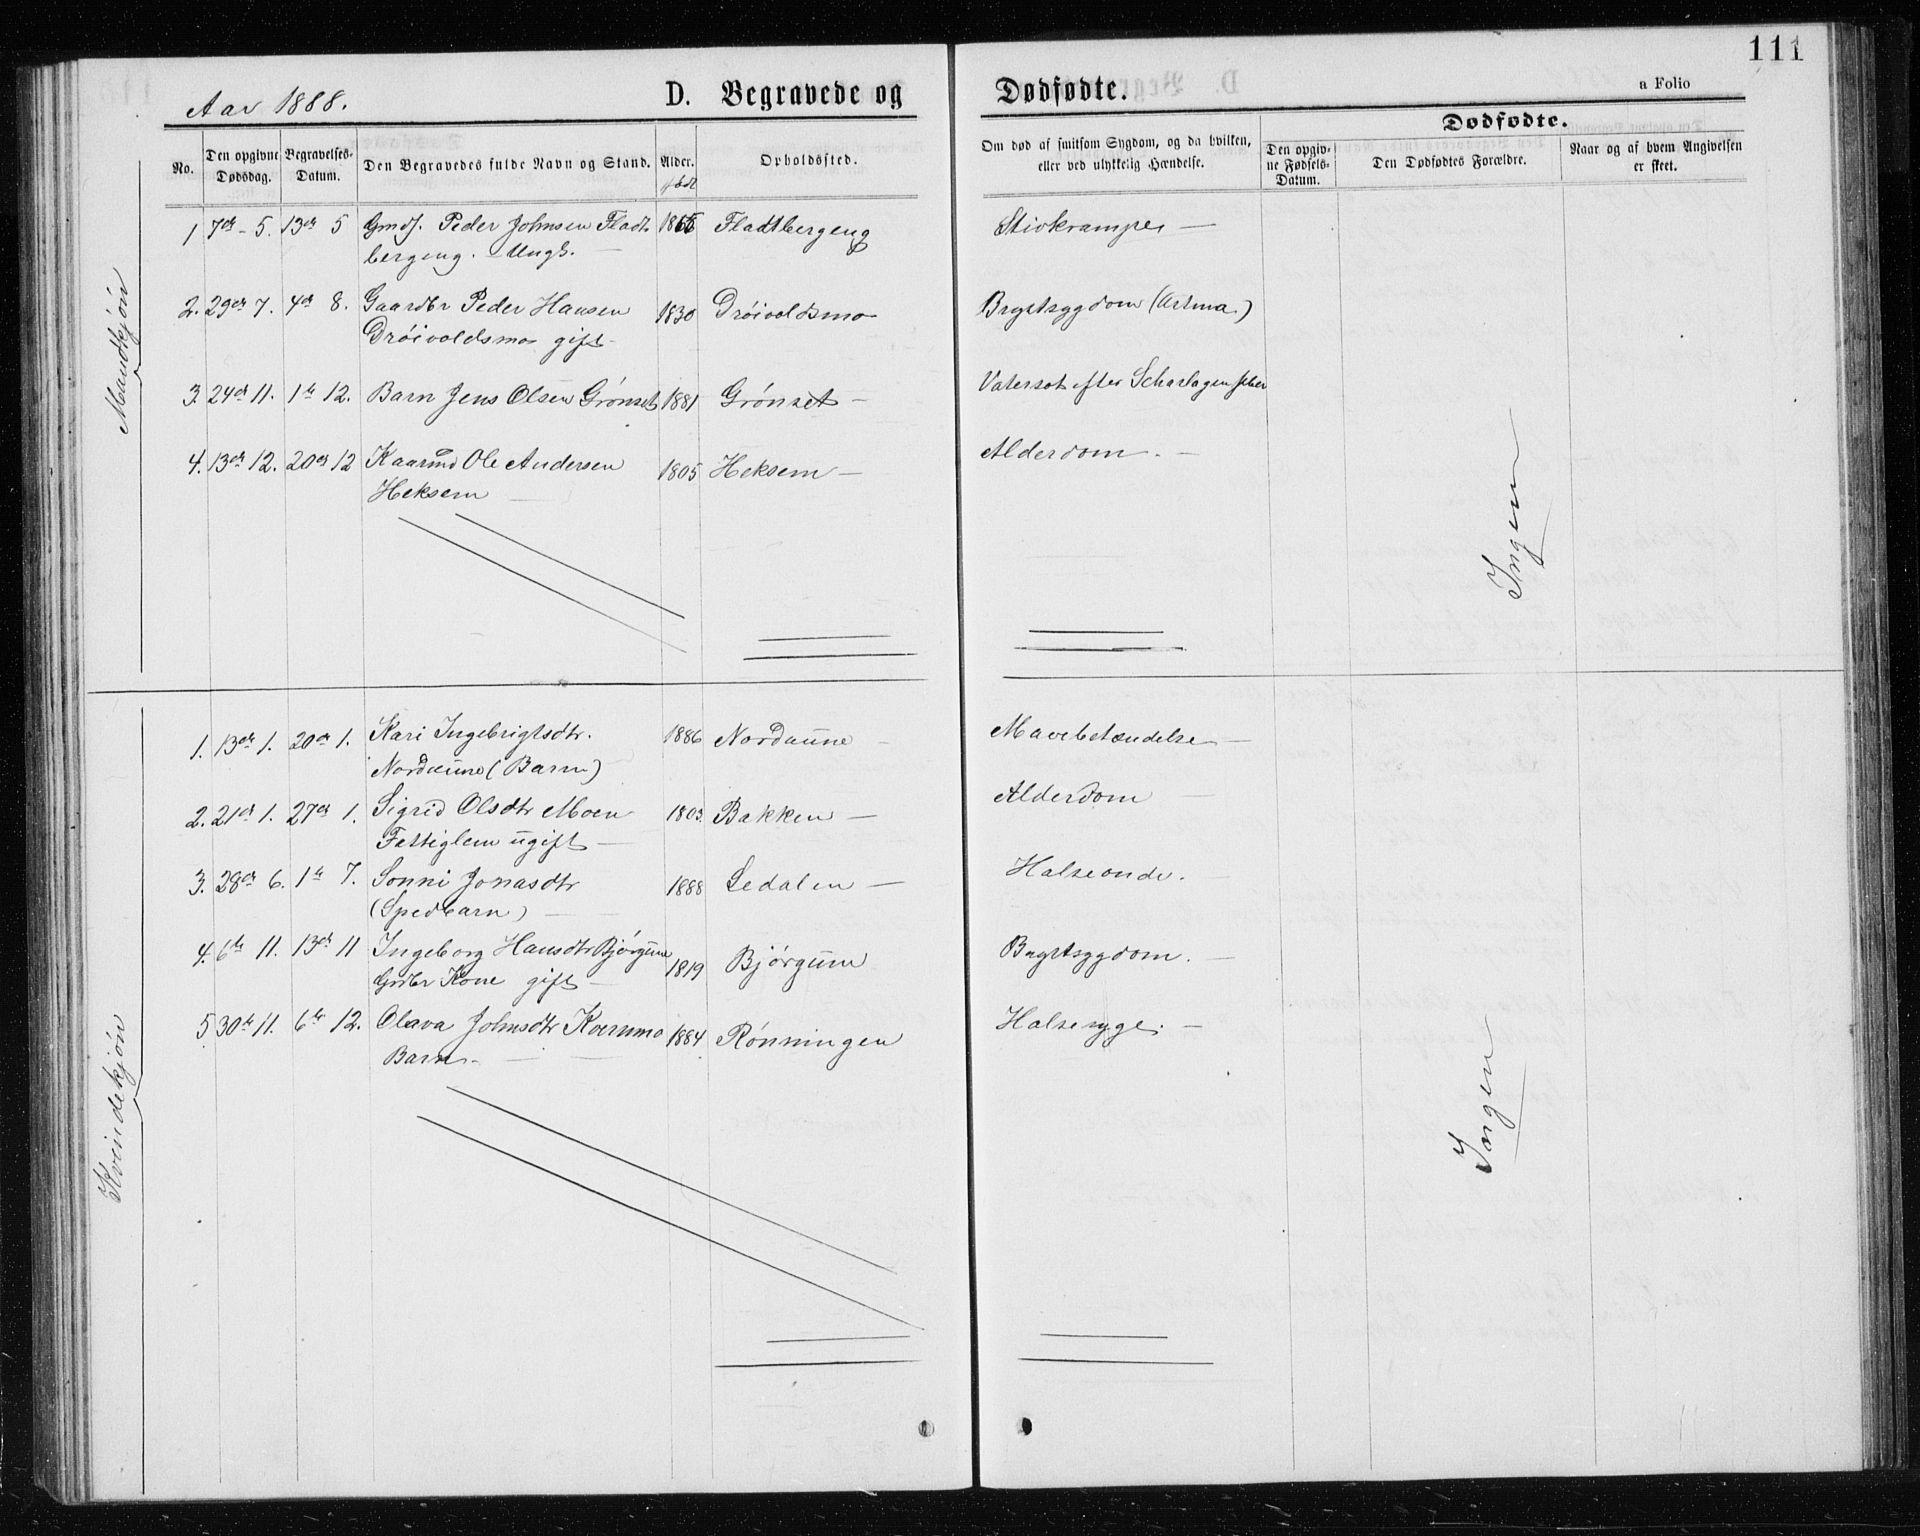 SAT, Ministerialprotokoller, klokkerbøker og fødselsregistre - Sør-Trøndelag, 685/L0977: Klokkerbok nr. 685C02, 1879-1890, s. 111